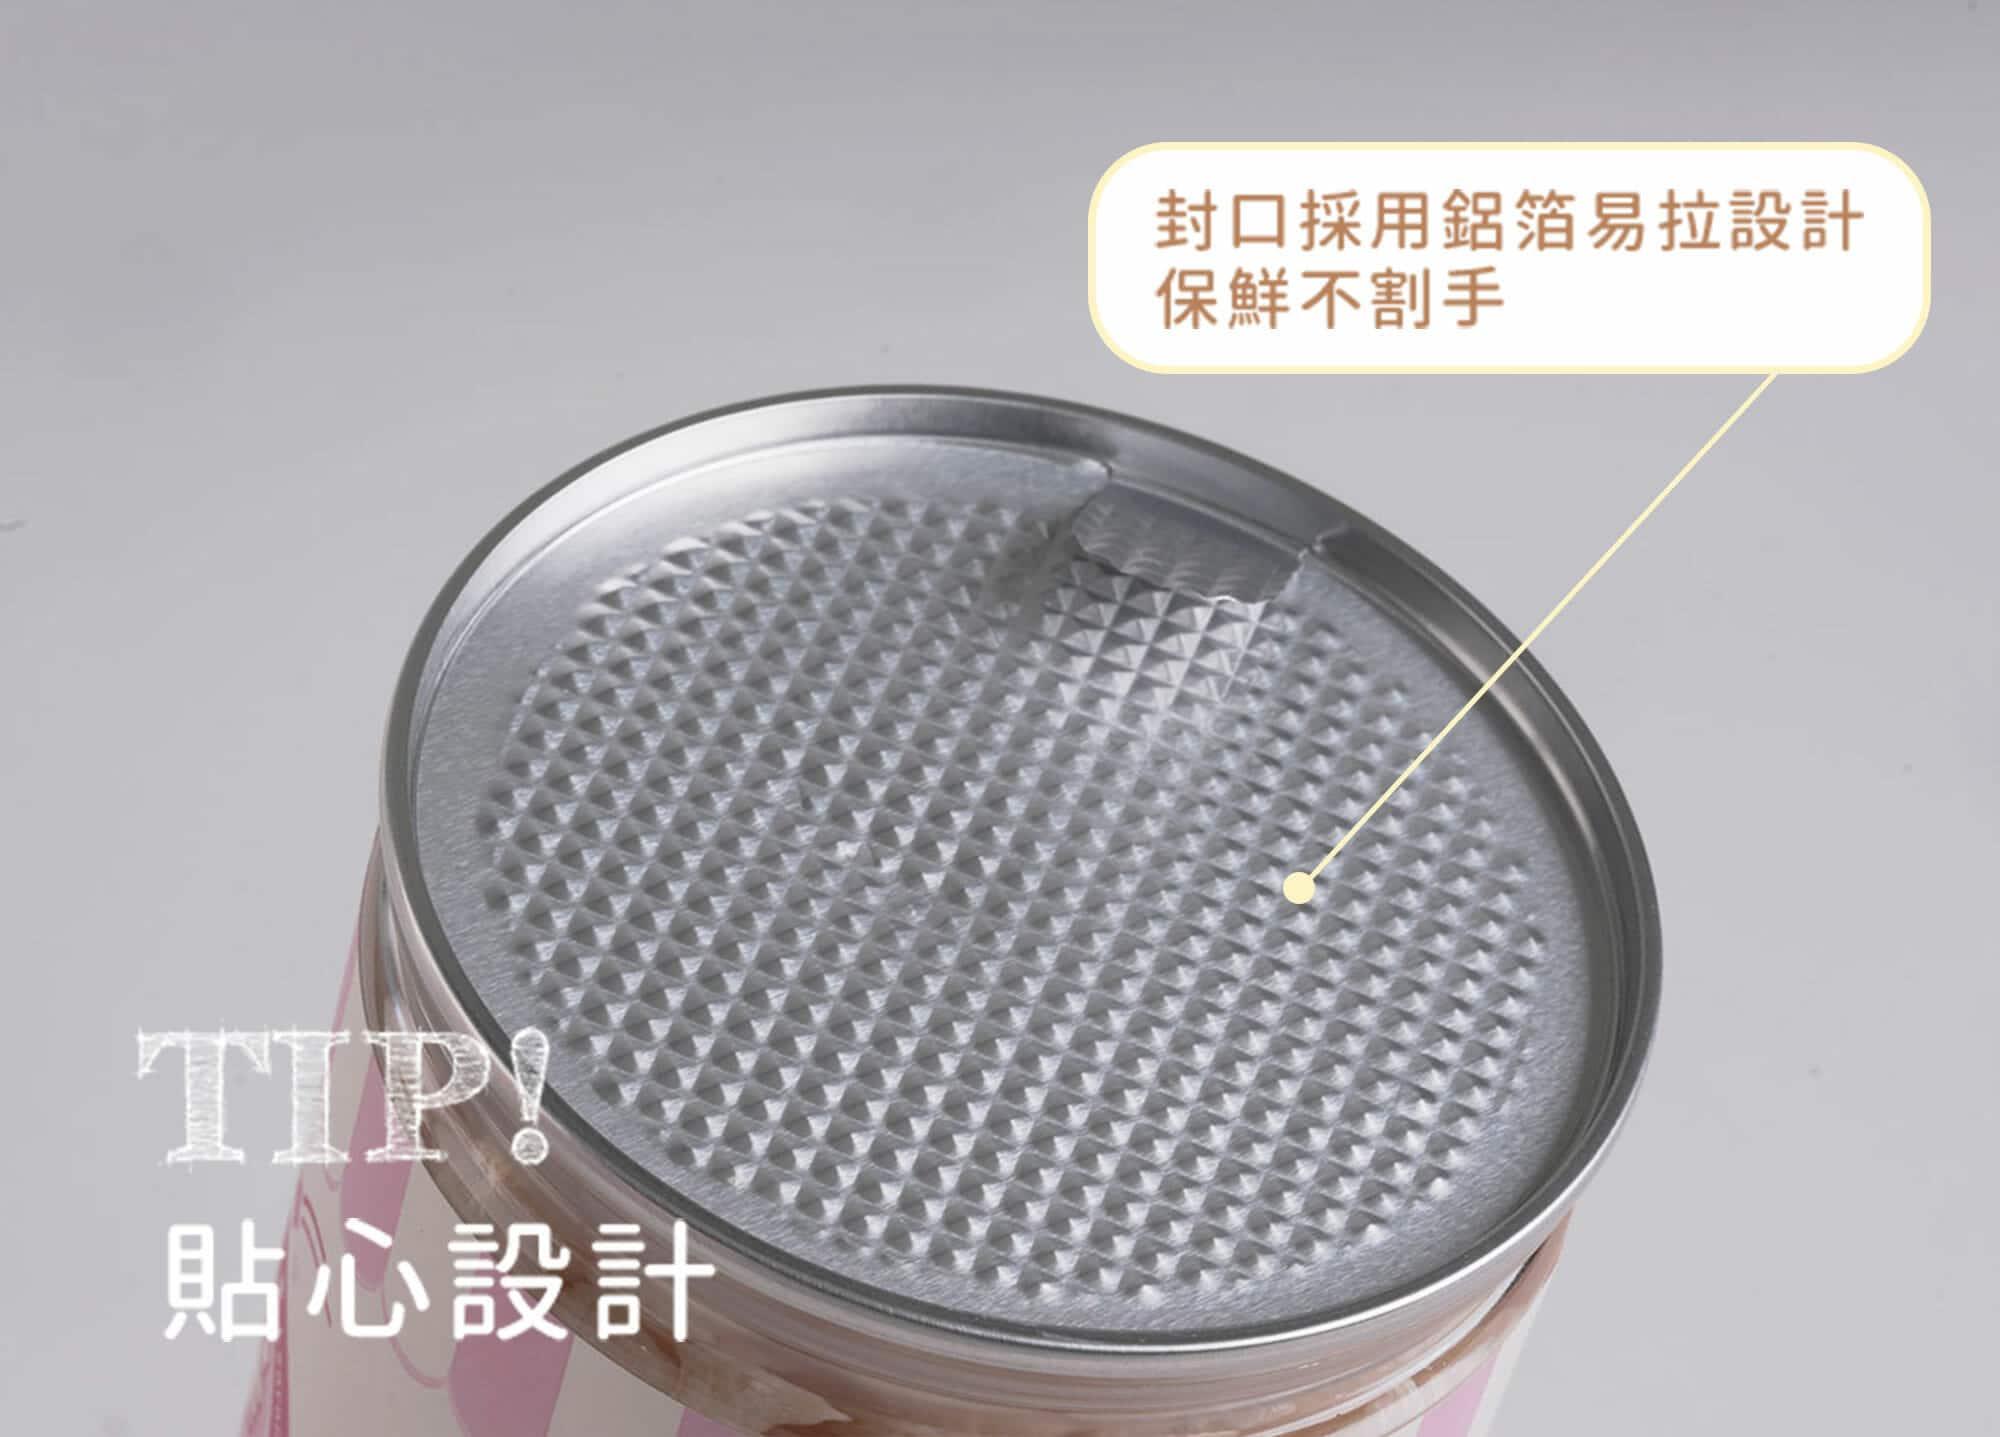 麥星星包裝的封口設計,是採用鋁箔材質,有易拉的把手,保鮮不割手。